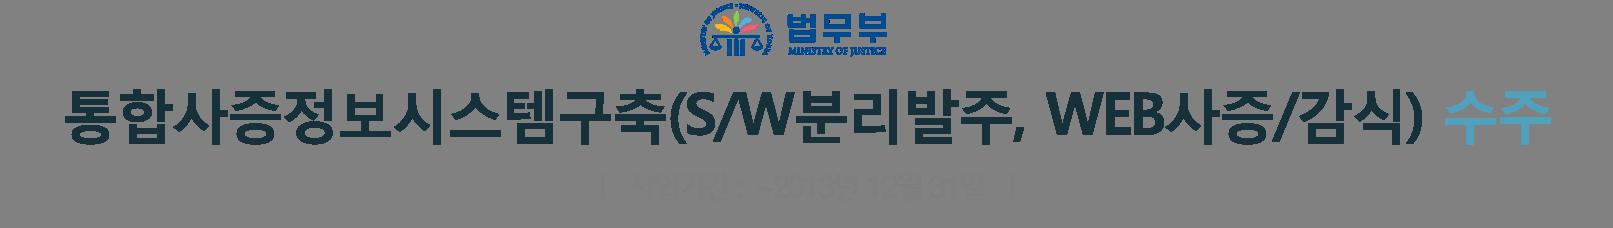 5 법무부-통합사증정보시스템구축(SW분리발주, WEB사증감식).png